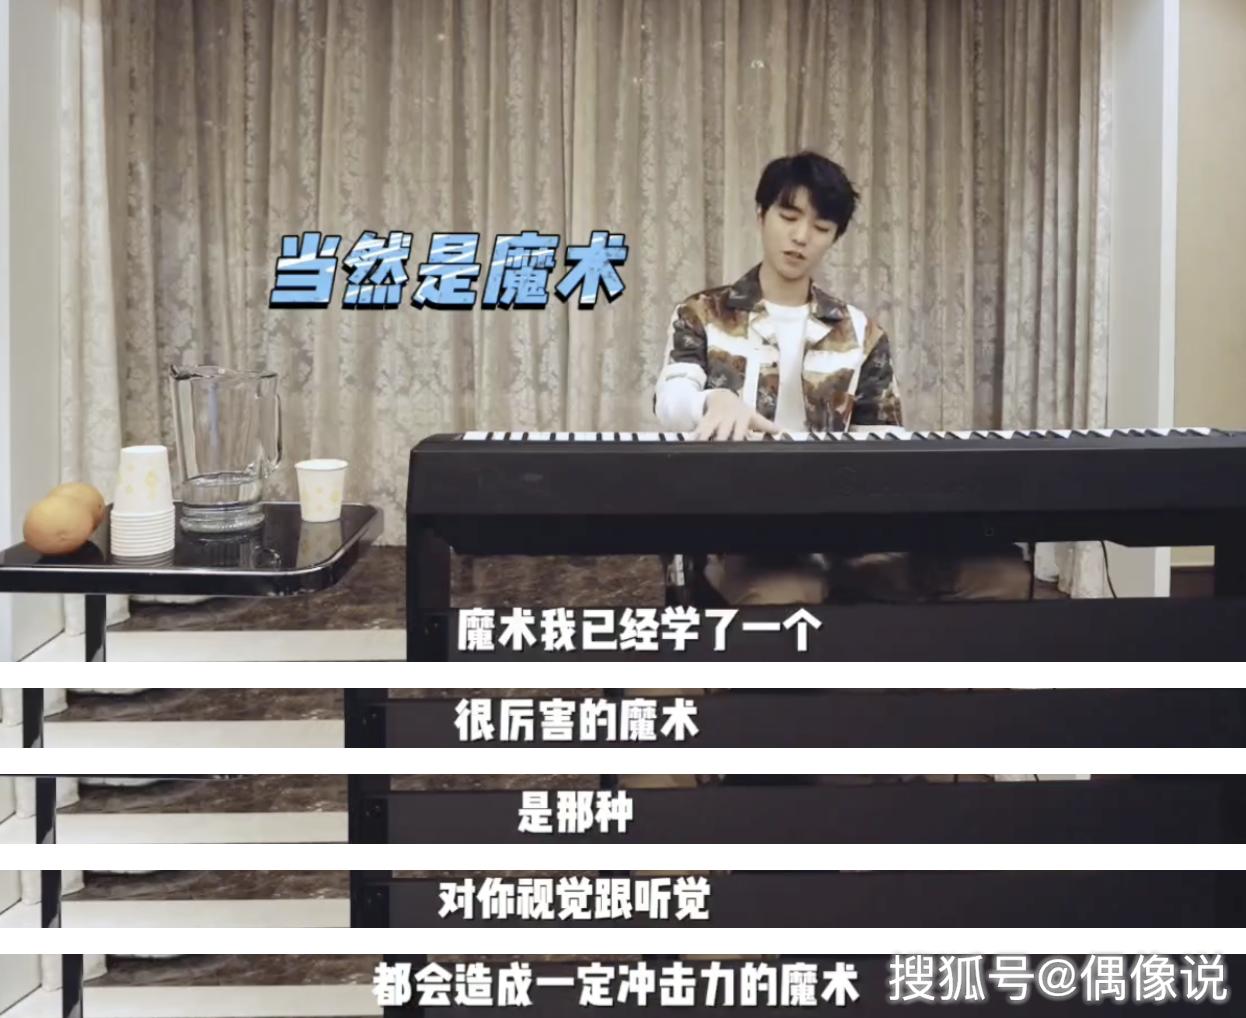 王俊凯20岁生日当天完ca88成两件大事,为此还求助小